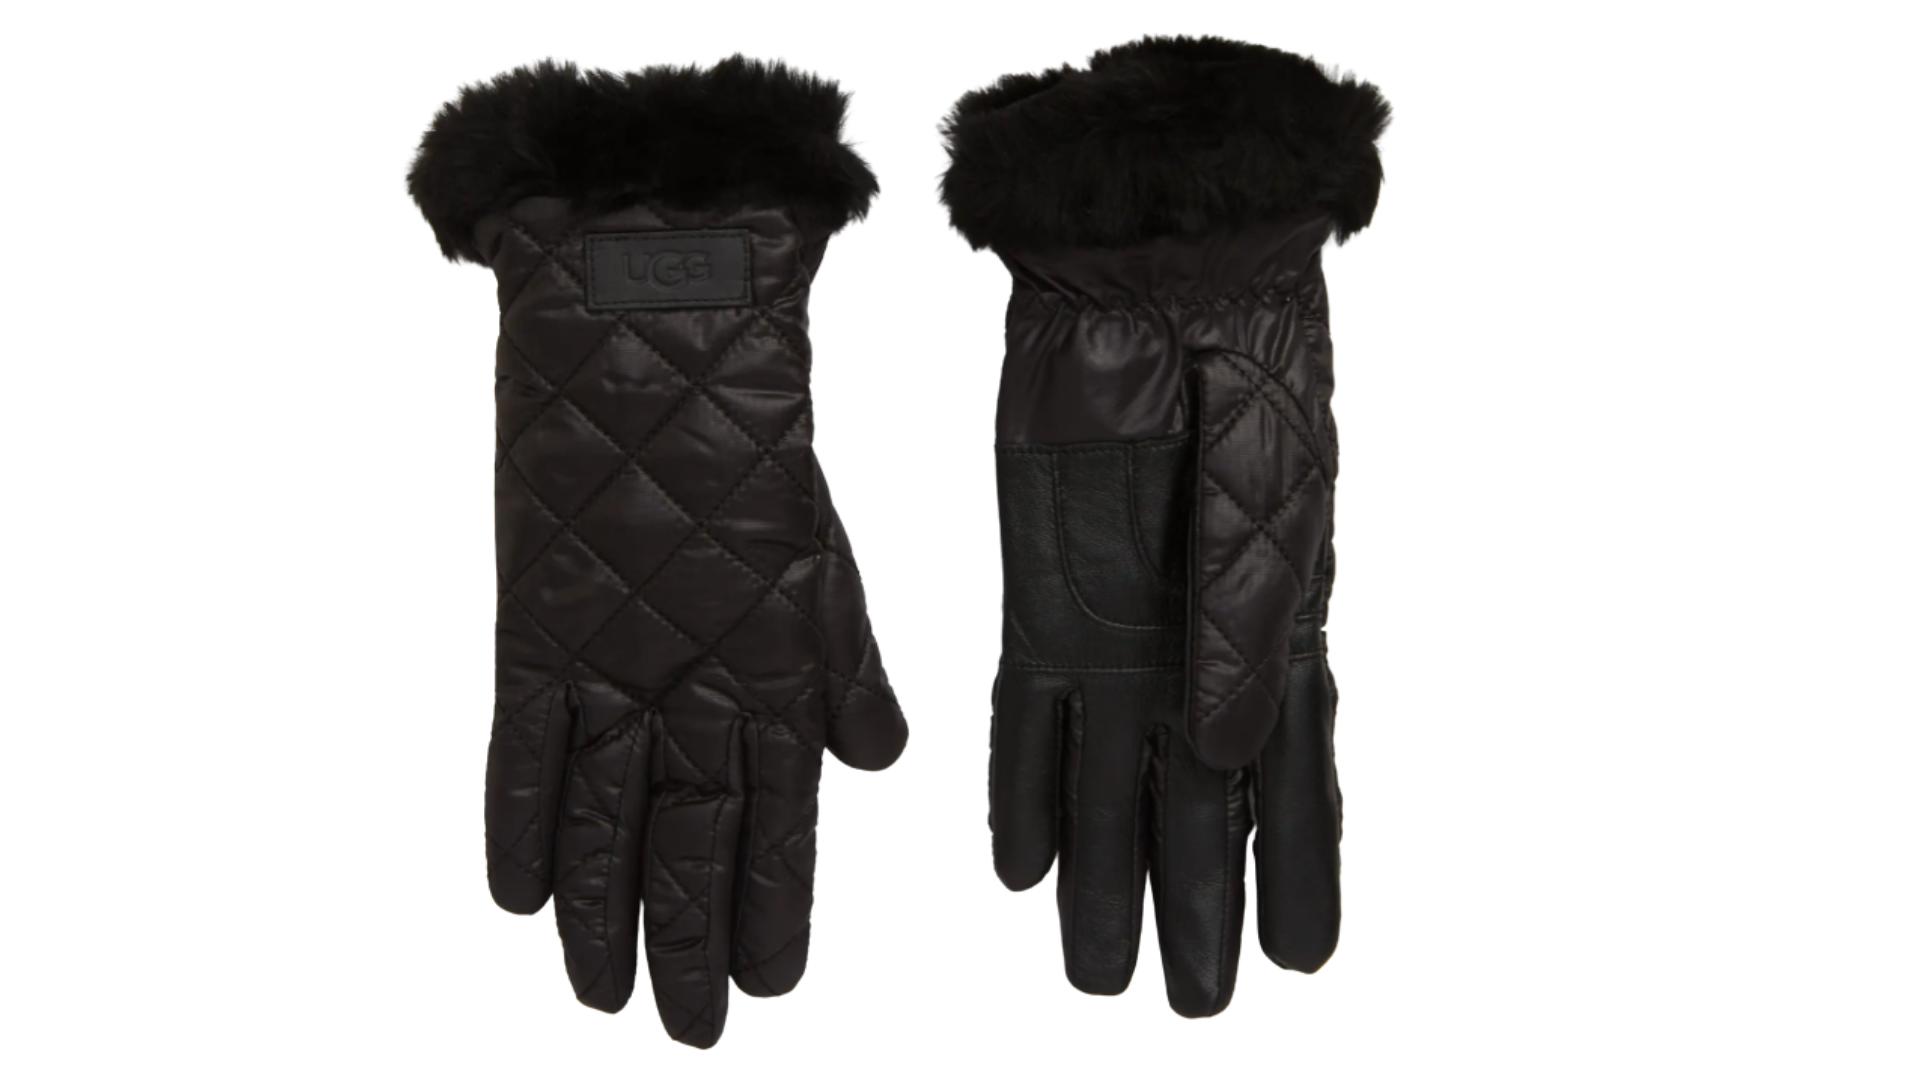 Ugg best winter gloves